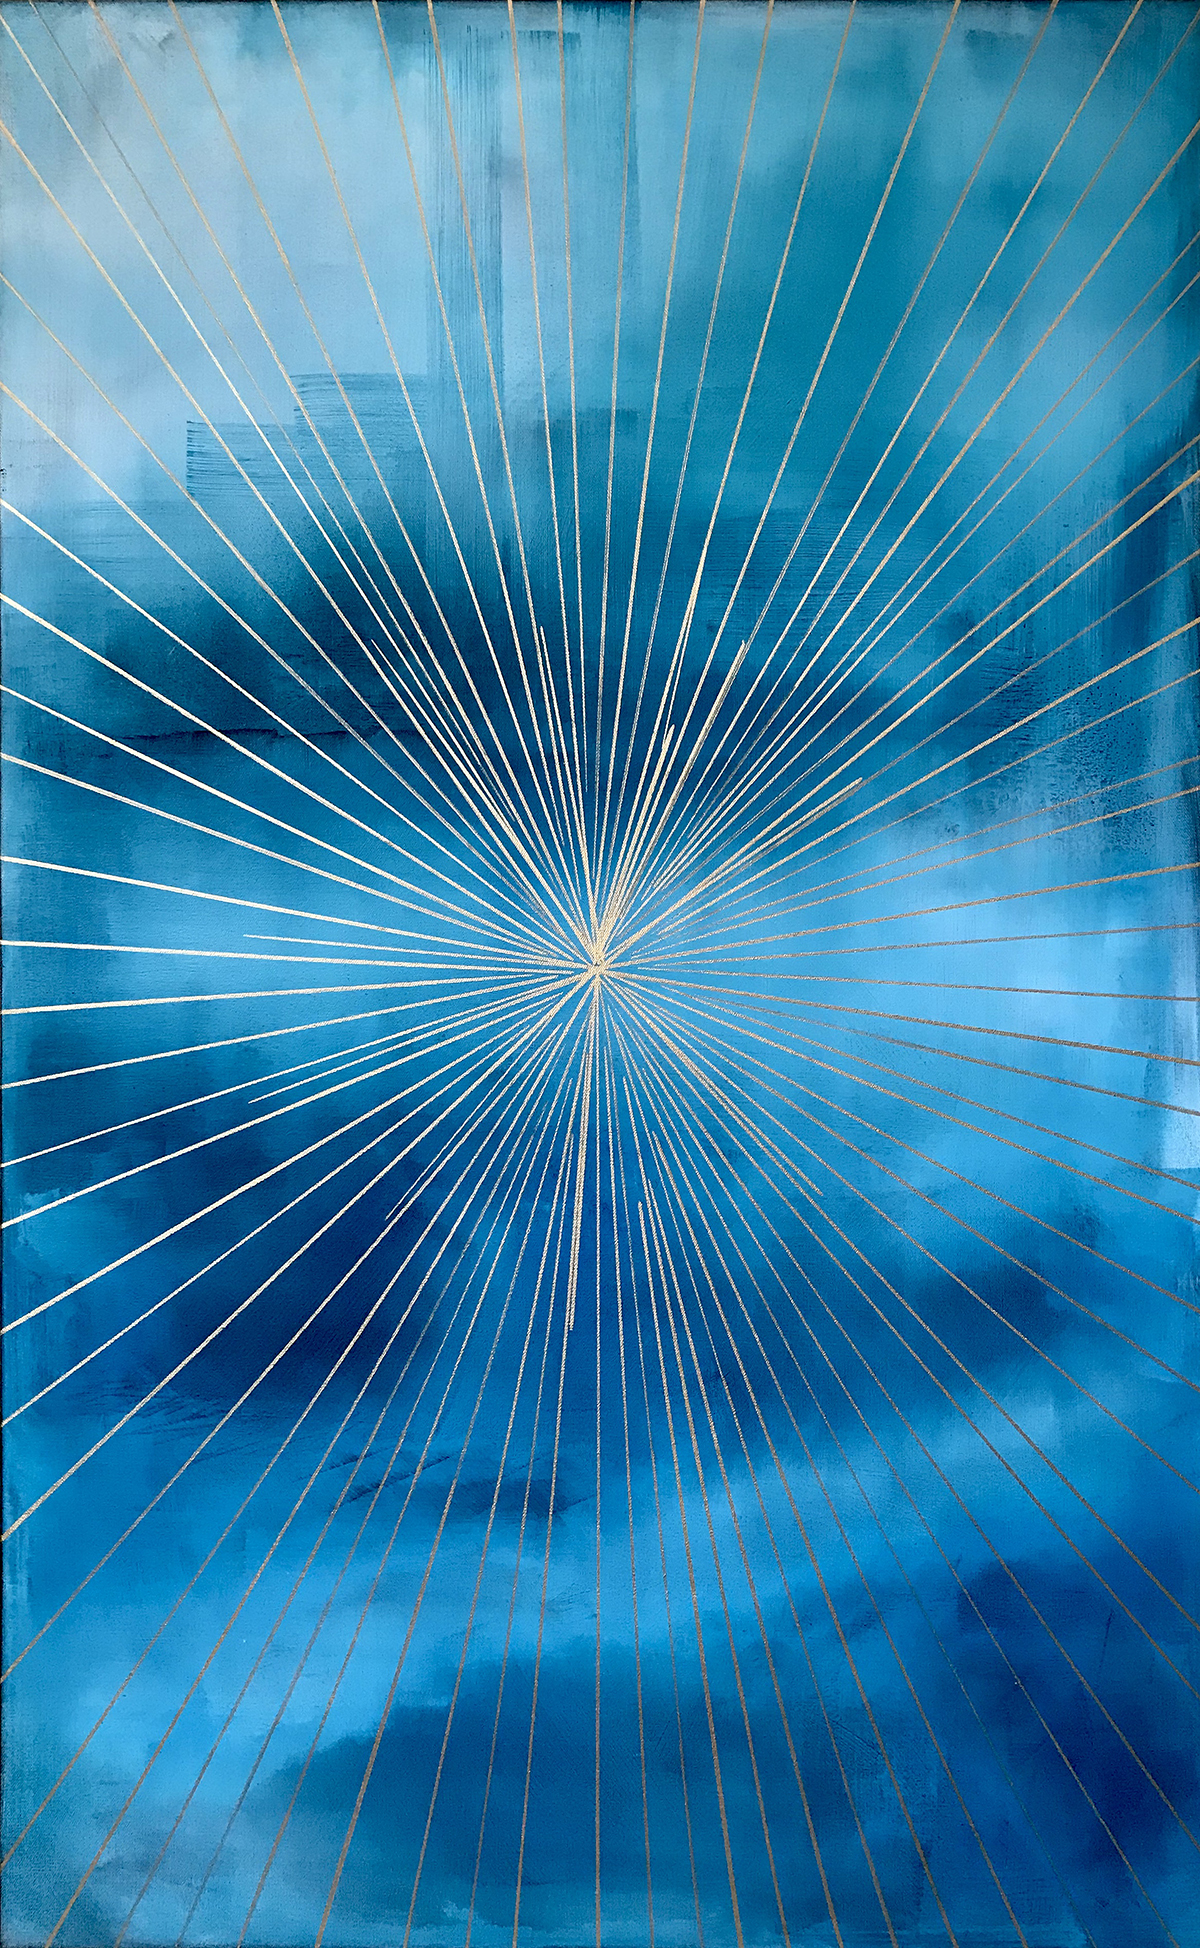 Blue Dream 48x24